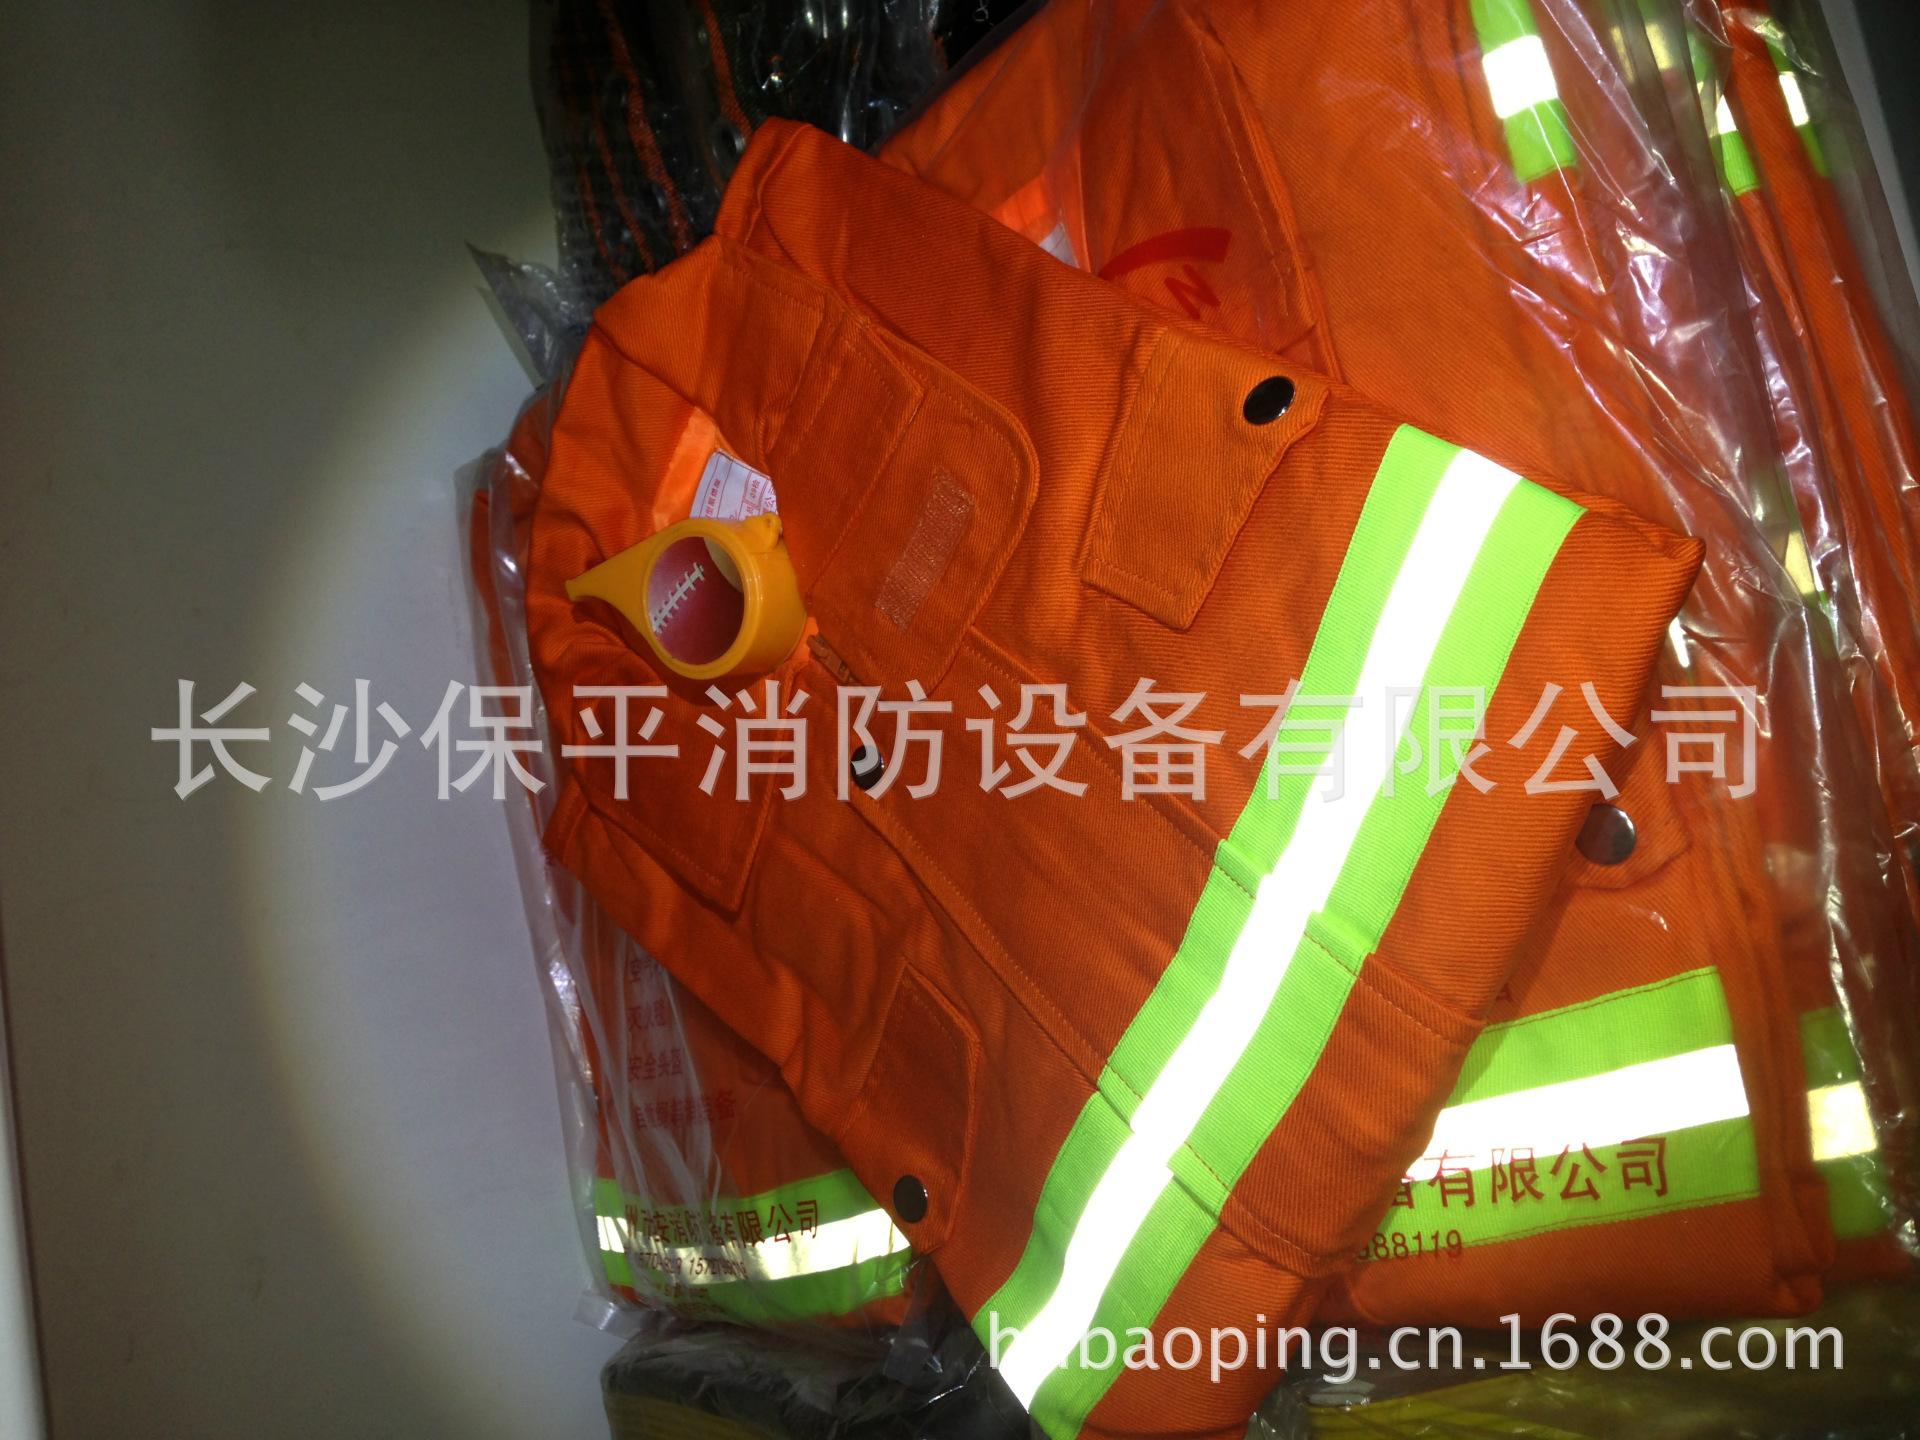 消防服、战斗服、阻燃服/97式/消防员服装装备、防护服、战训服